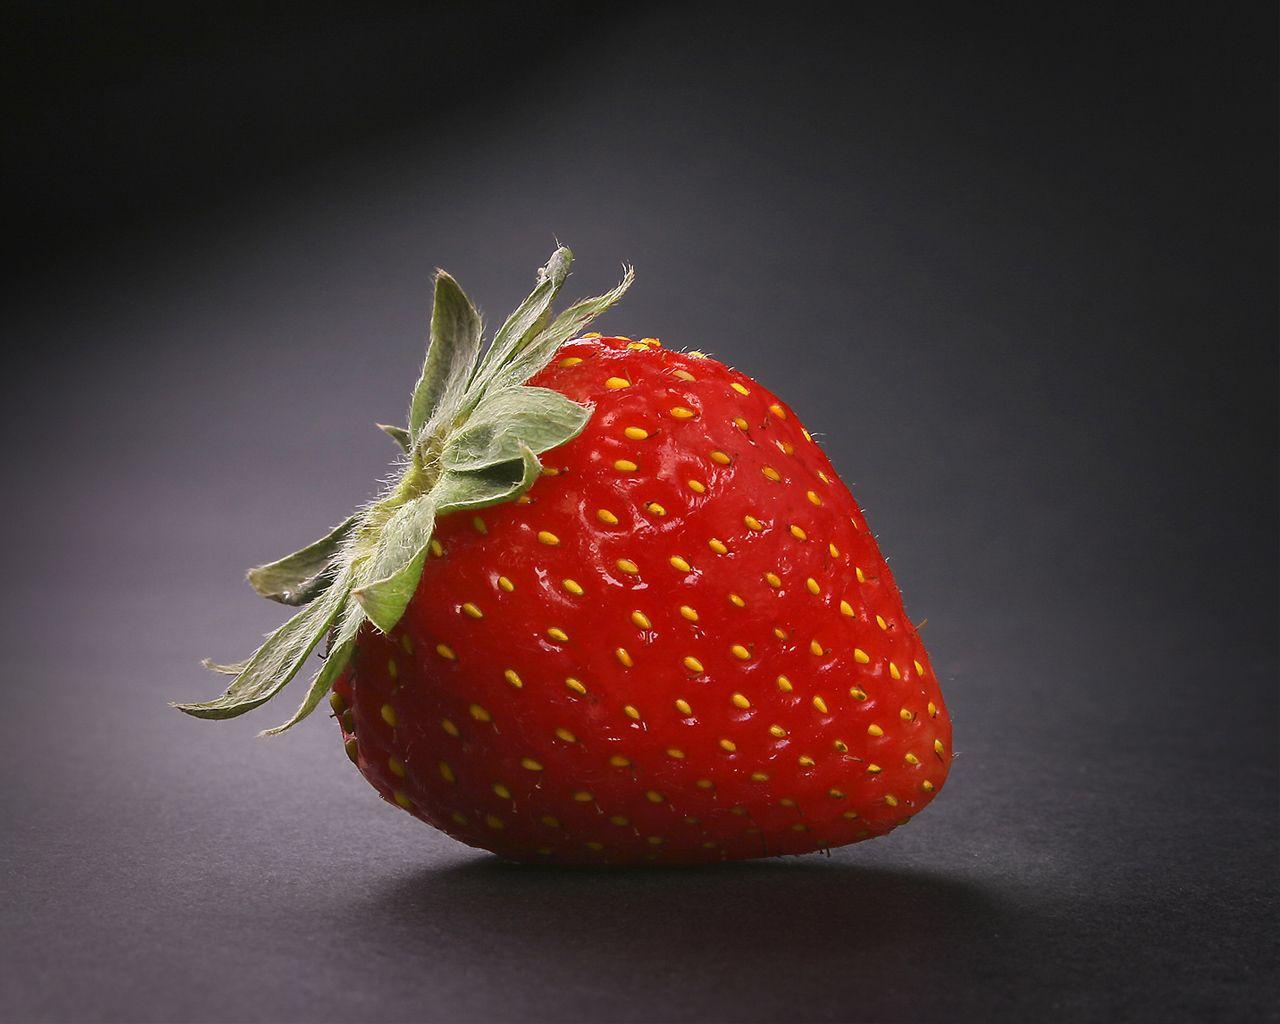 image 3d fruit desktop - photo #45